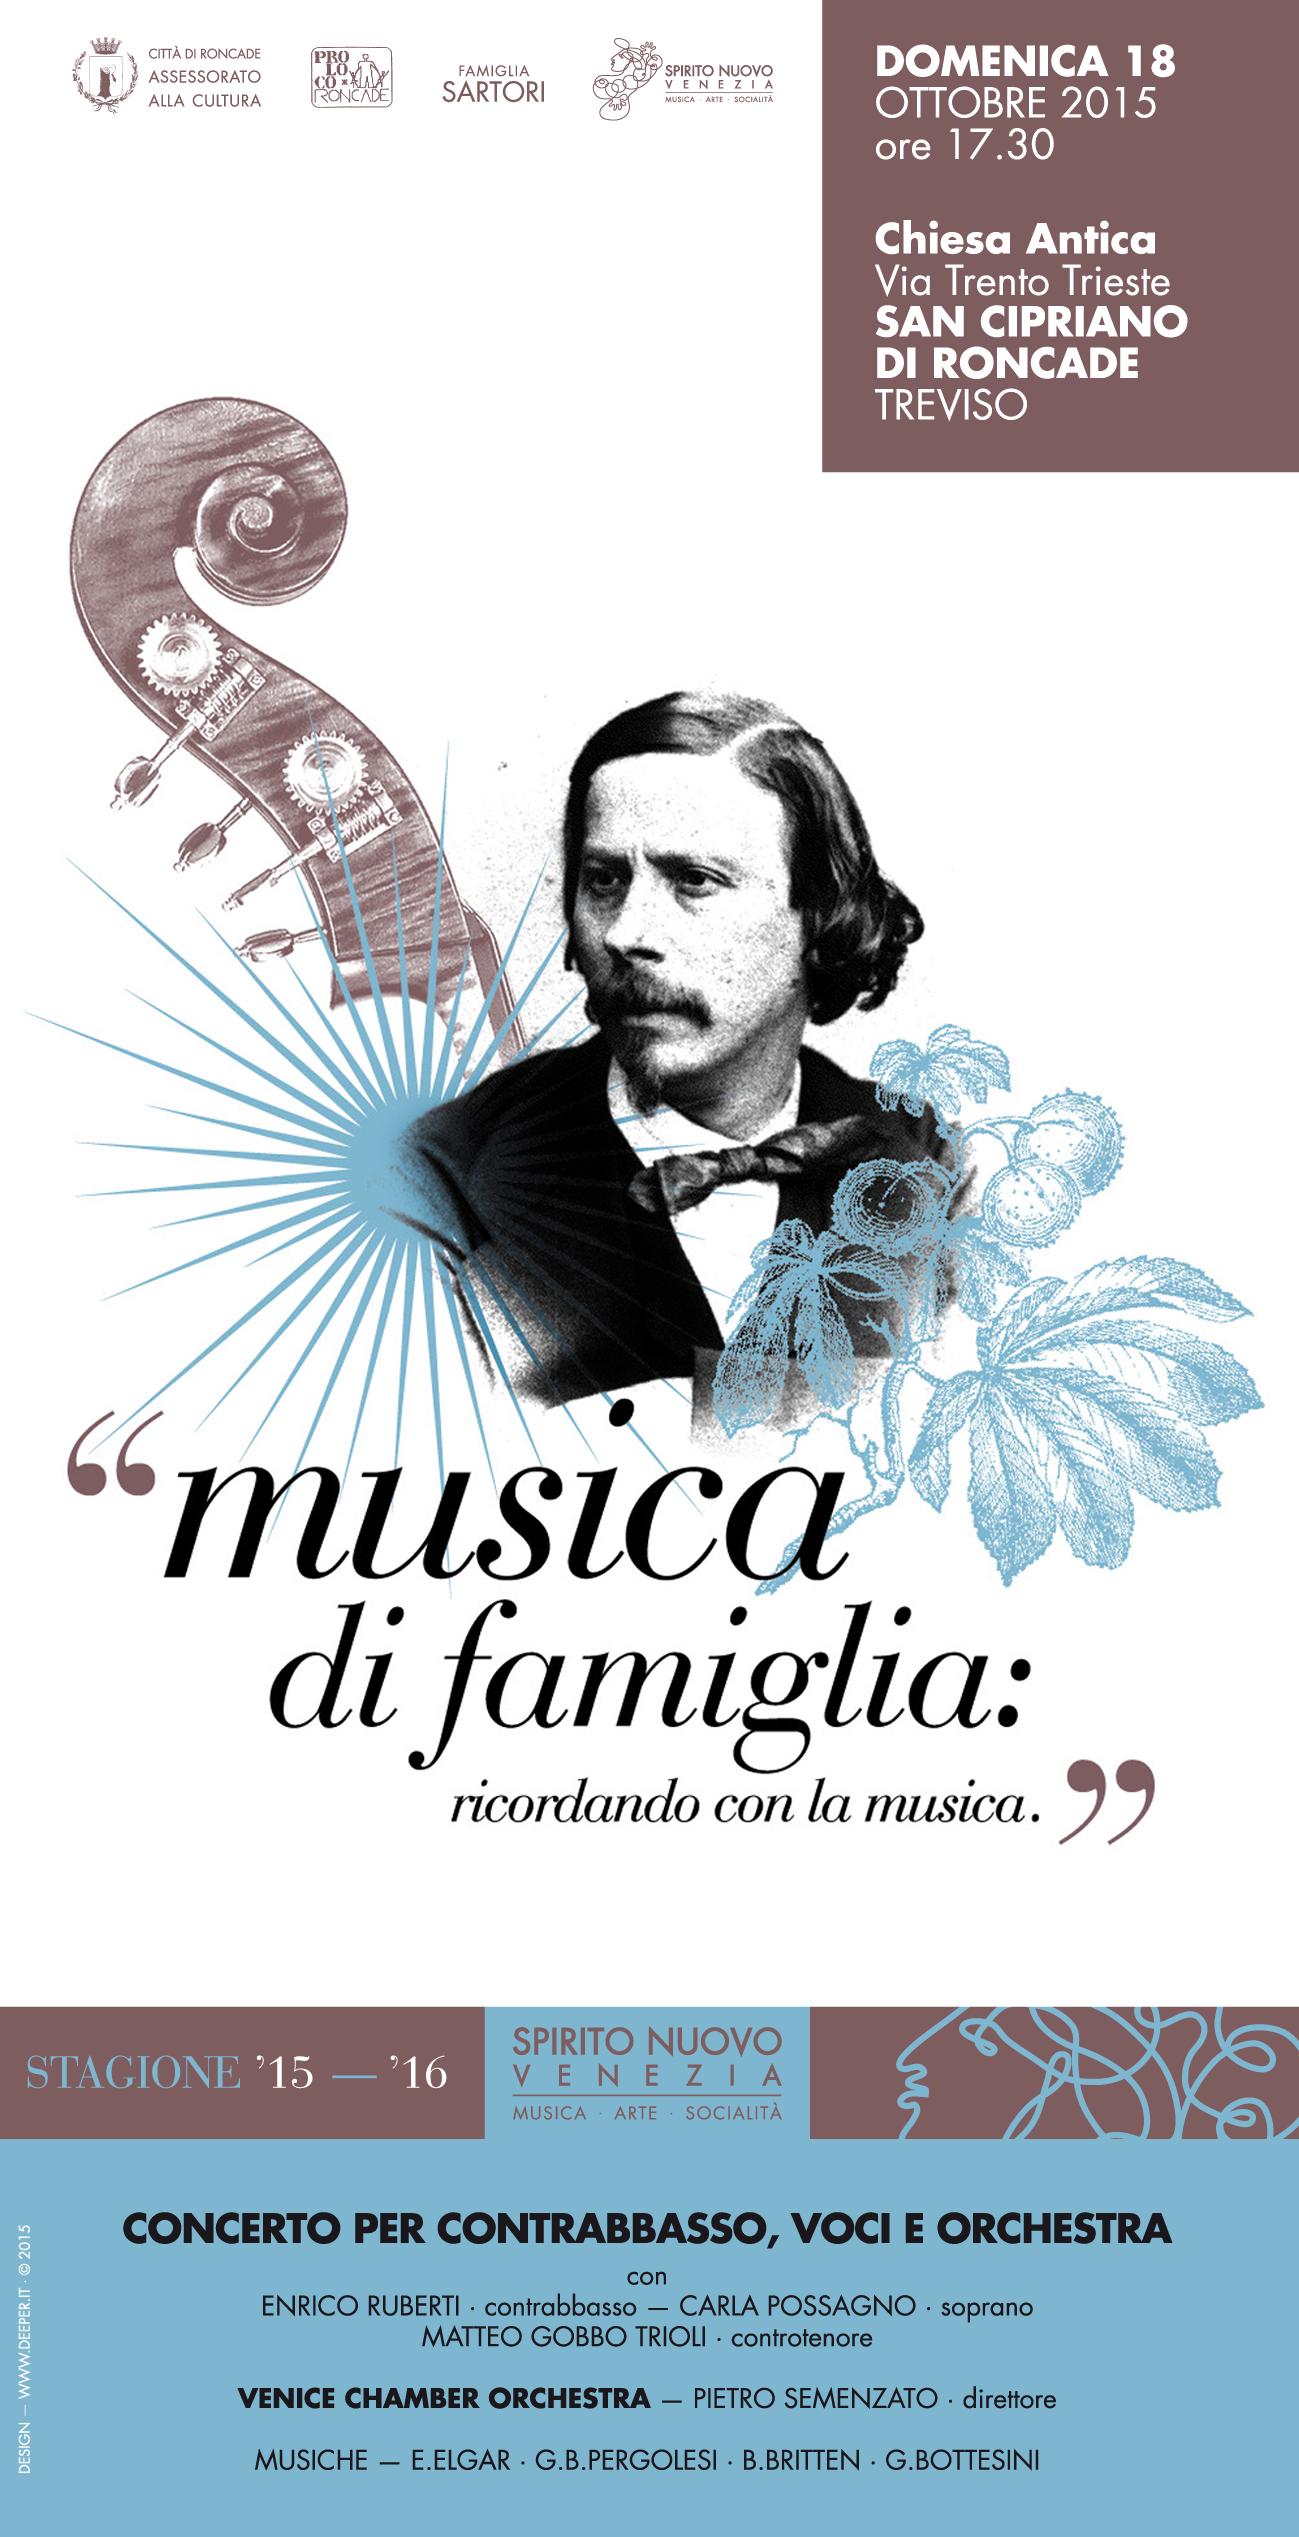 MUSICA DI FAMIGLIA